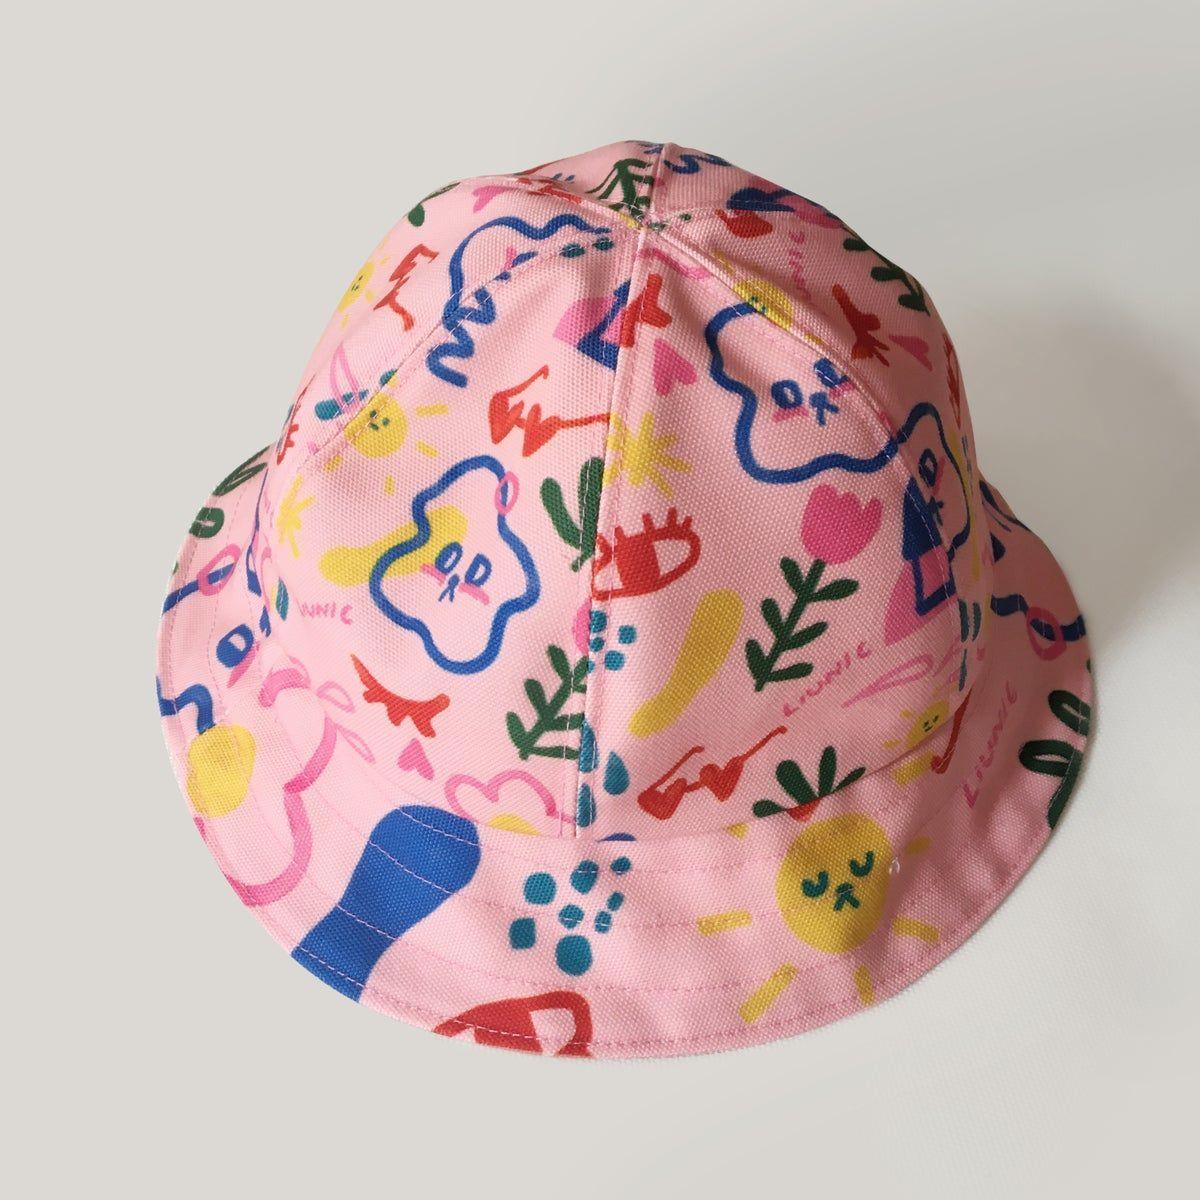 #PopbelaOOTTD: Topi yang Bisa Kamu Andalkan saat Musim Hujan